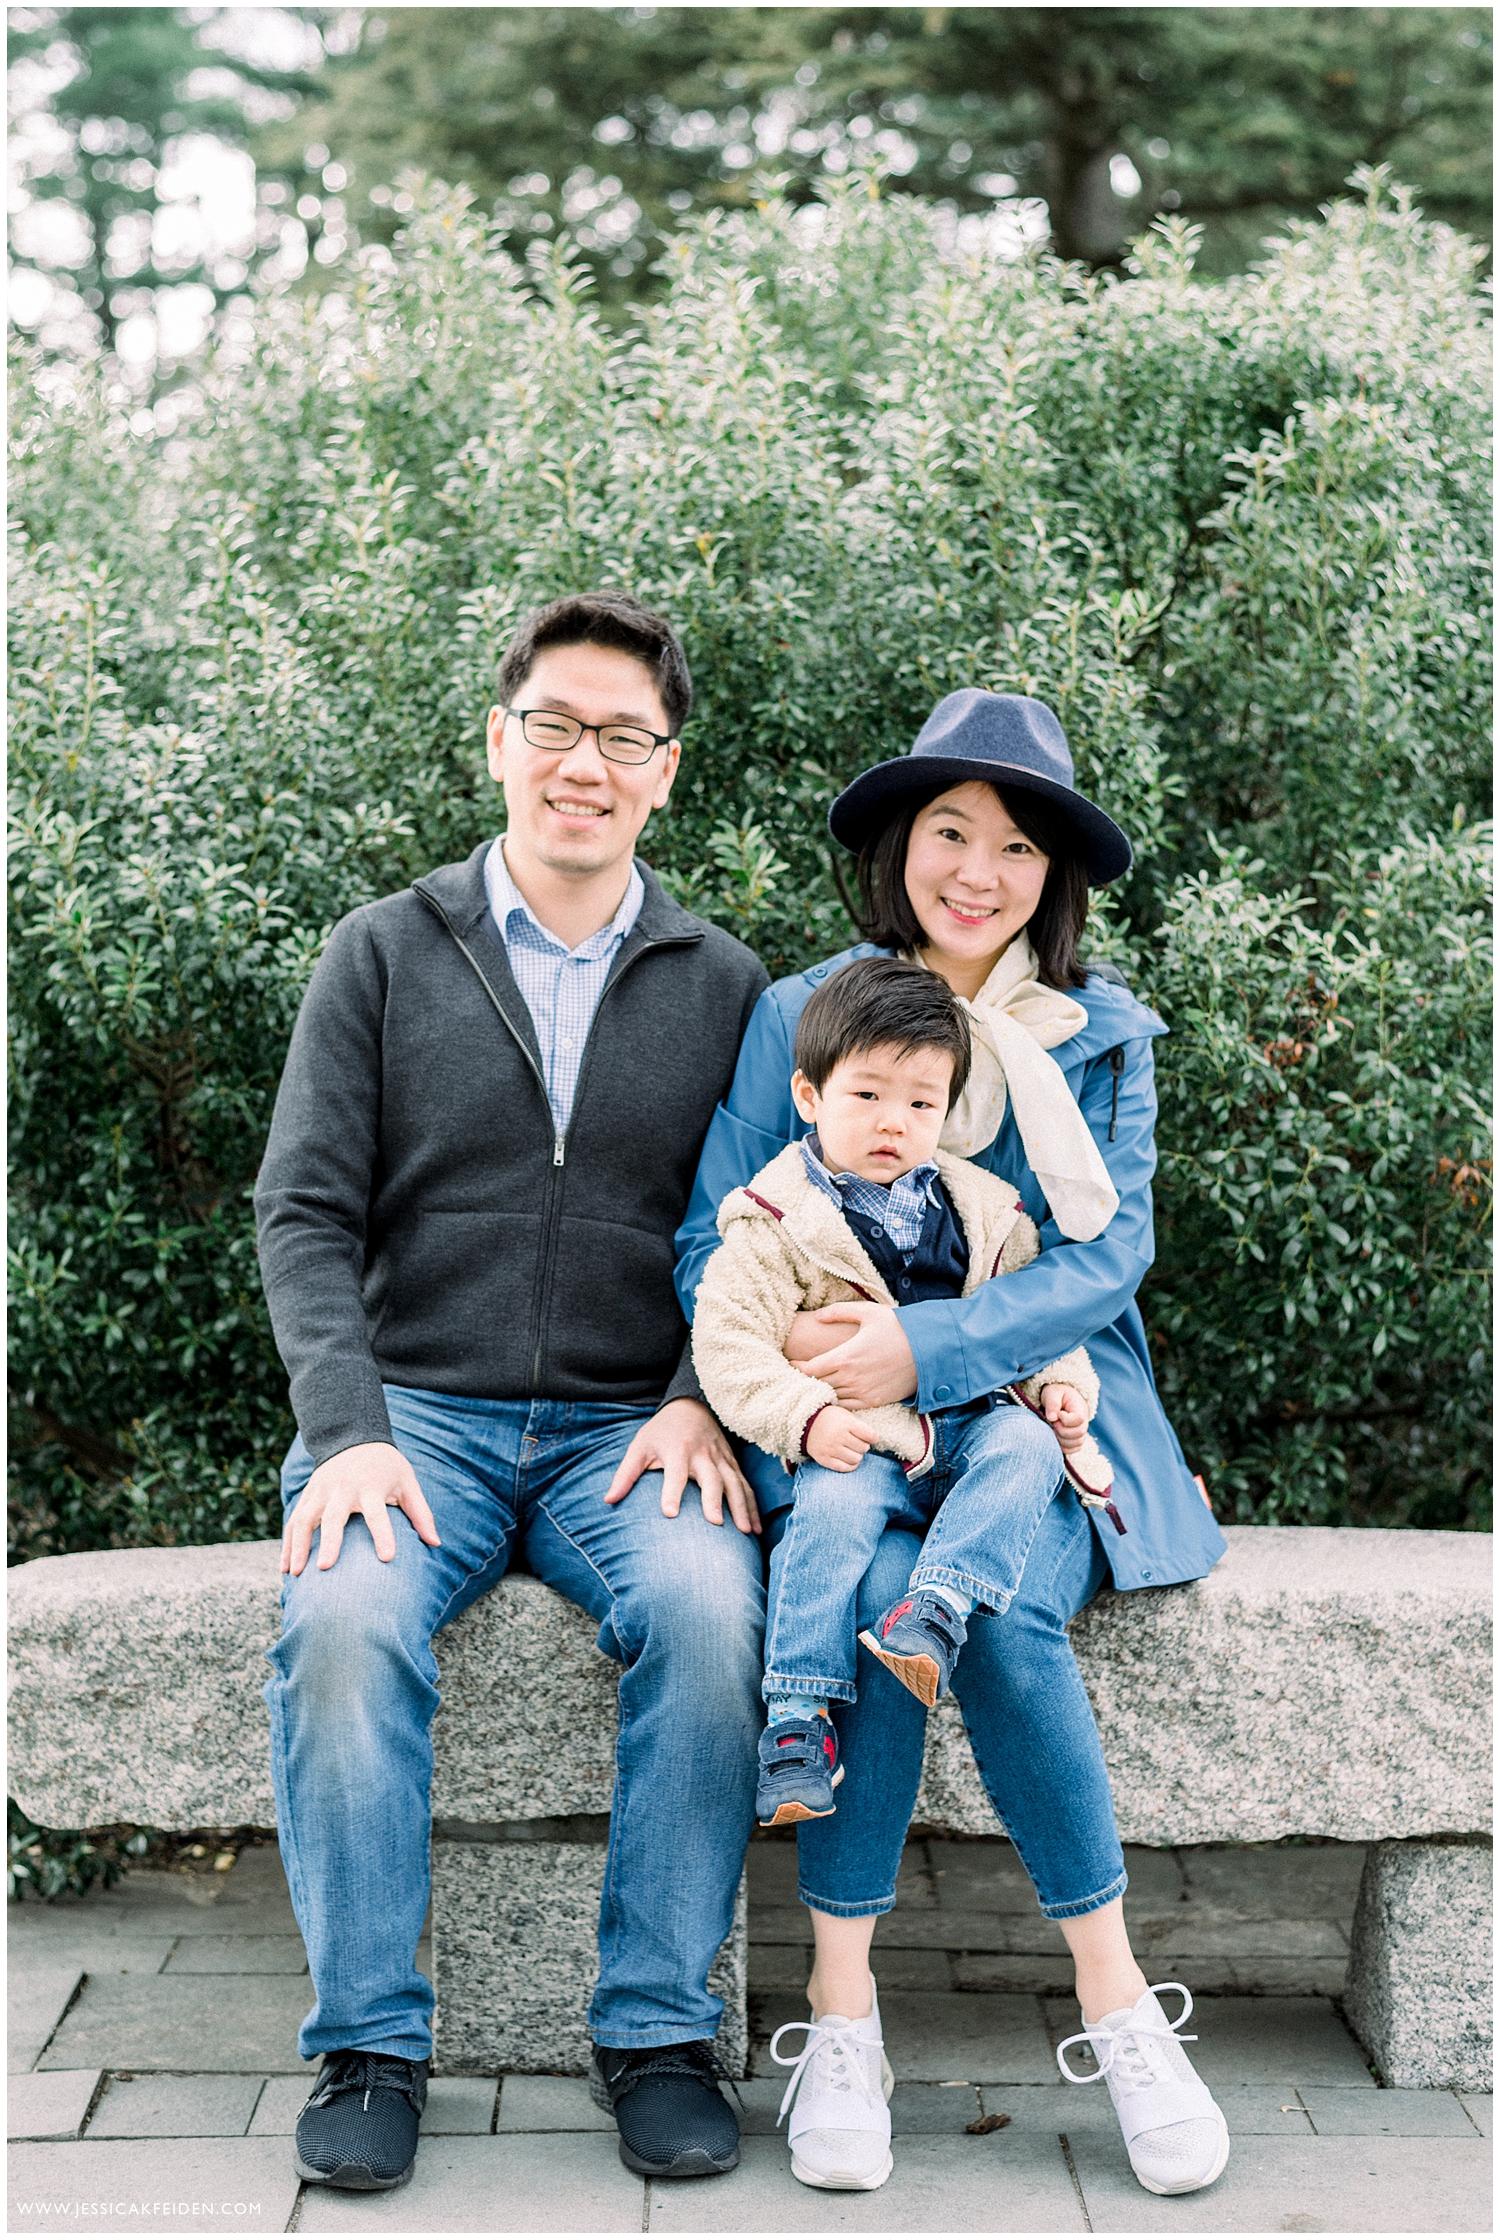 Jessica K Feiden Photography_Arnold Arboretum Spring Family Portrait Session Photographer_0001.jpg